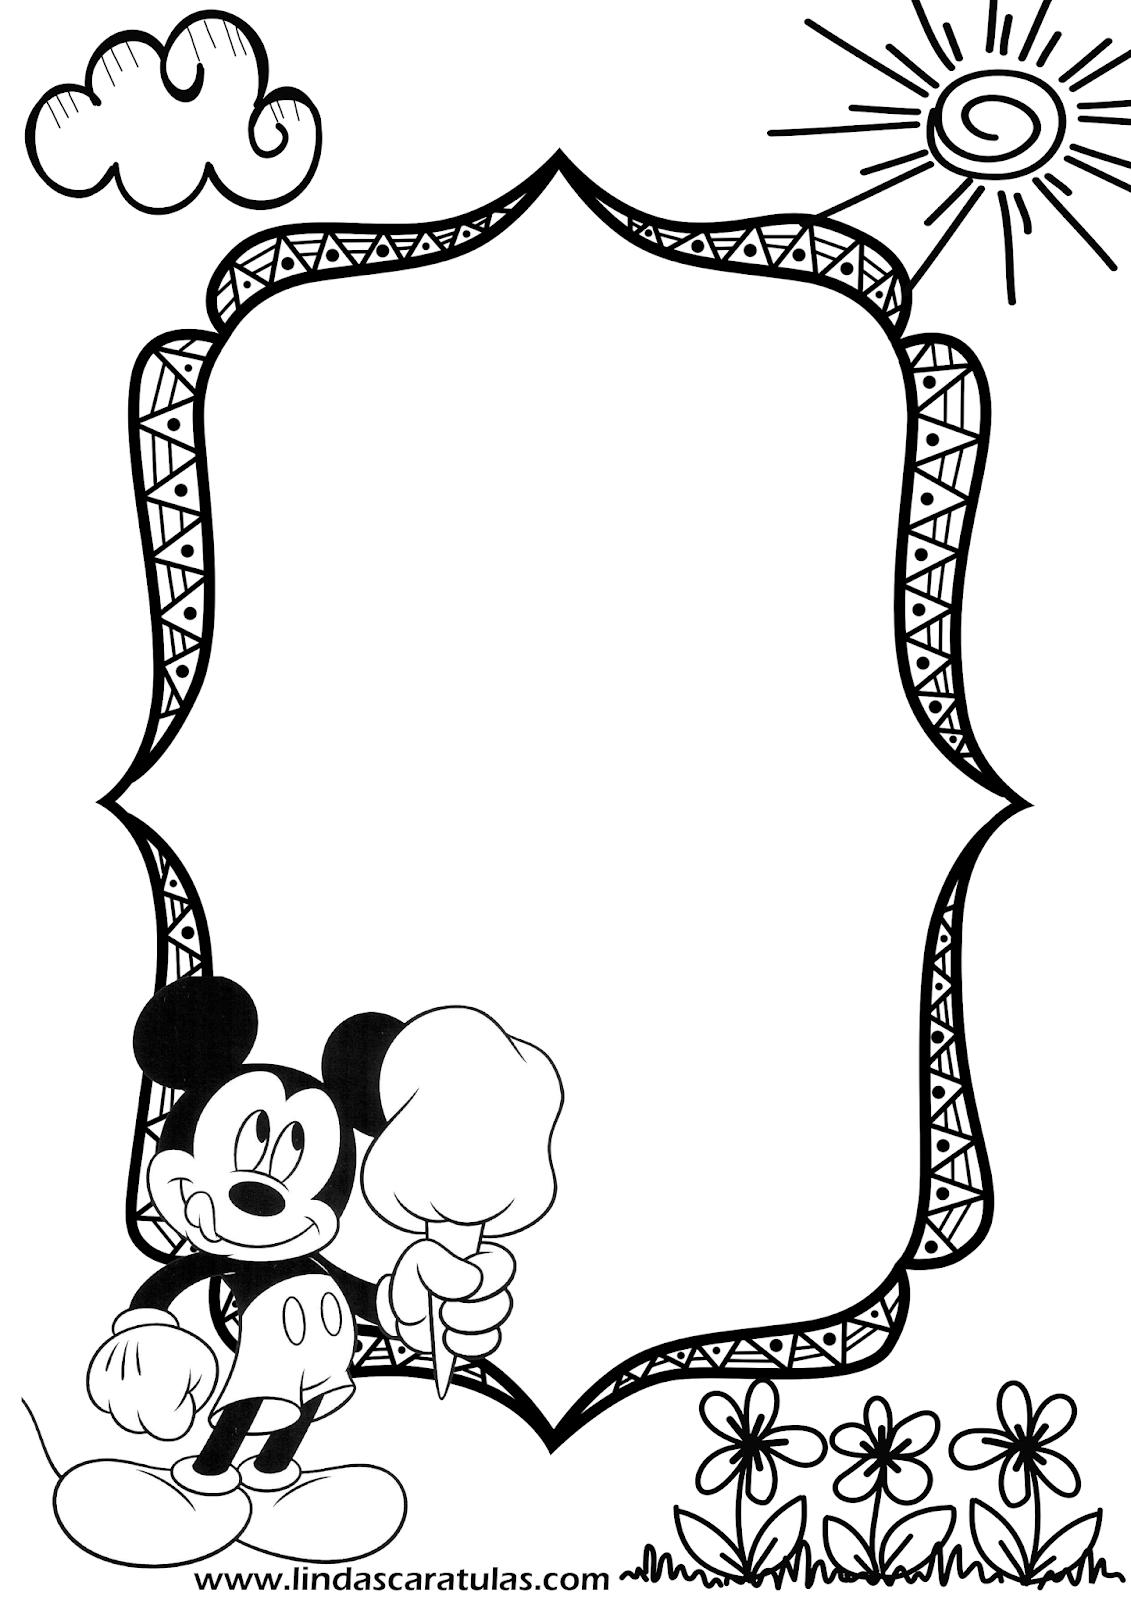 LINDAS CARATULAS: Caratulas Mickey Mouse para colorear